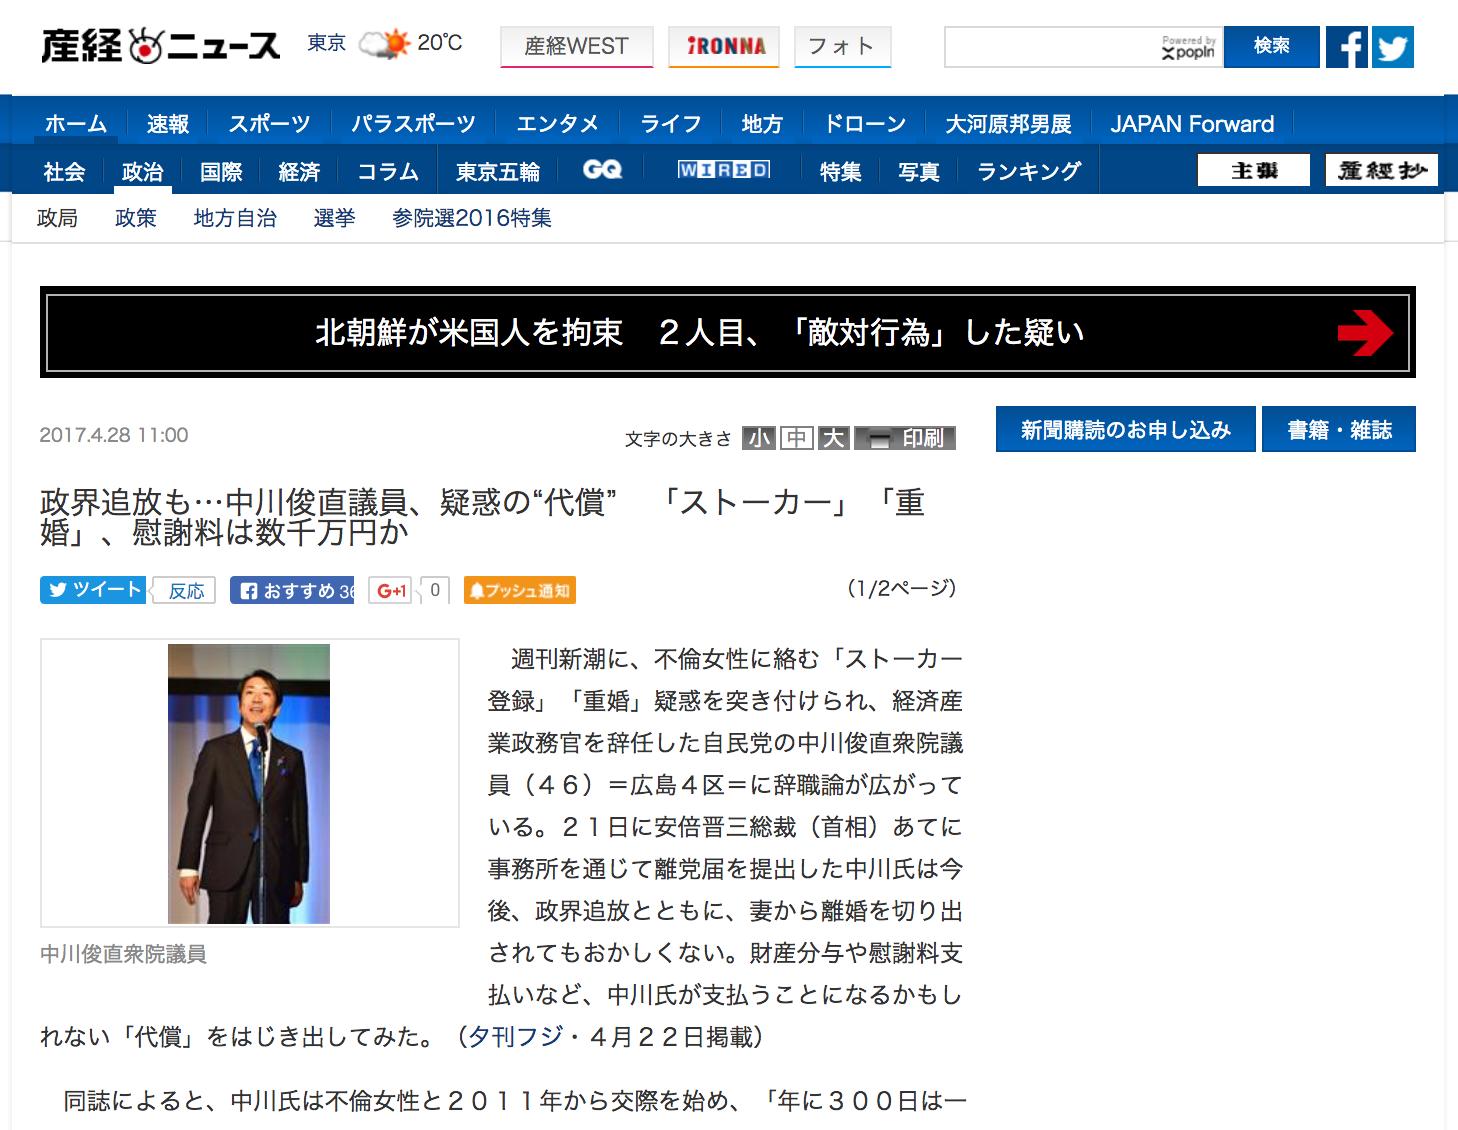 """政界追放も…中川俊直議員、疑惑の""""代償"""" 「ストーカー」「重婚」、慰謝料は数千万円か"""